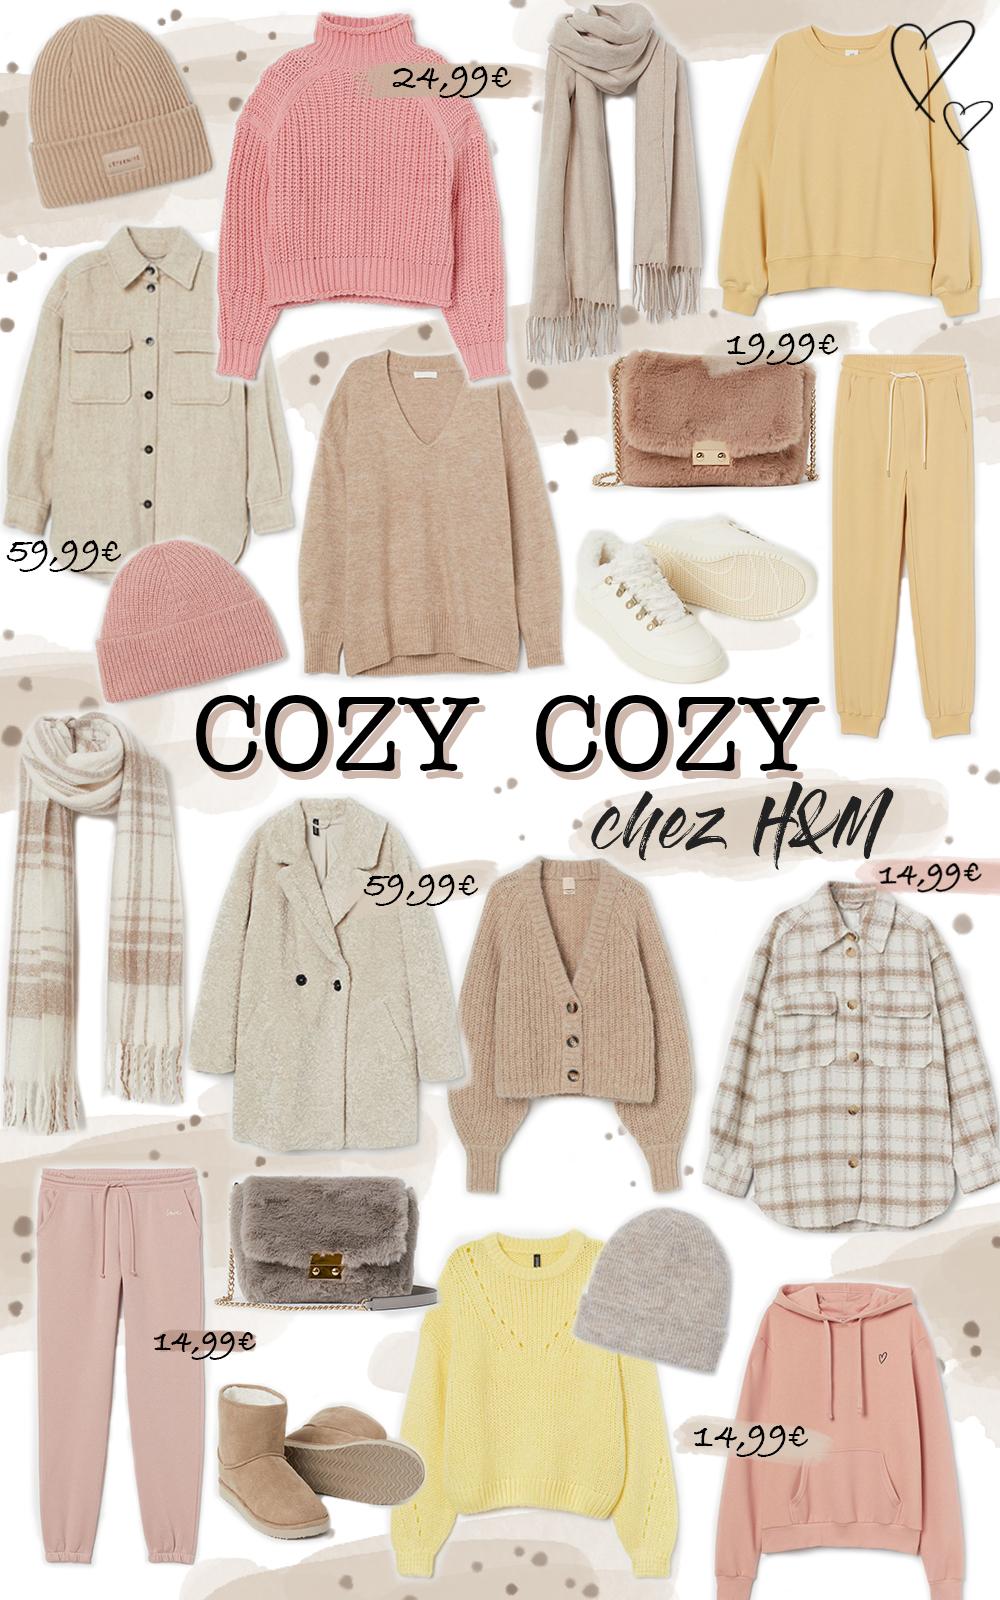 COZY COZY H&M